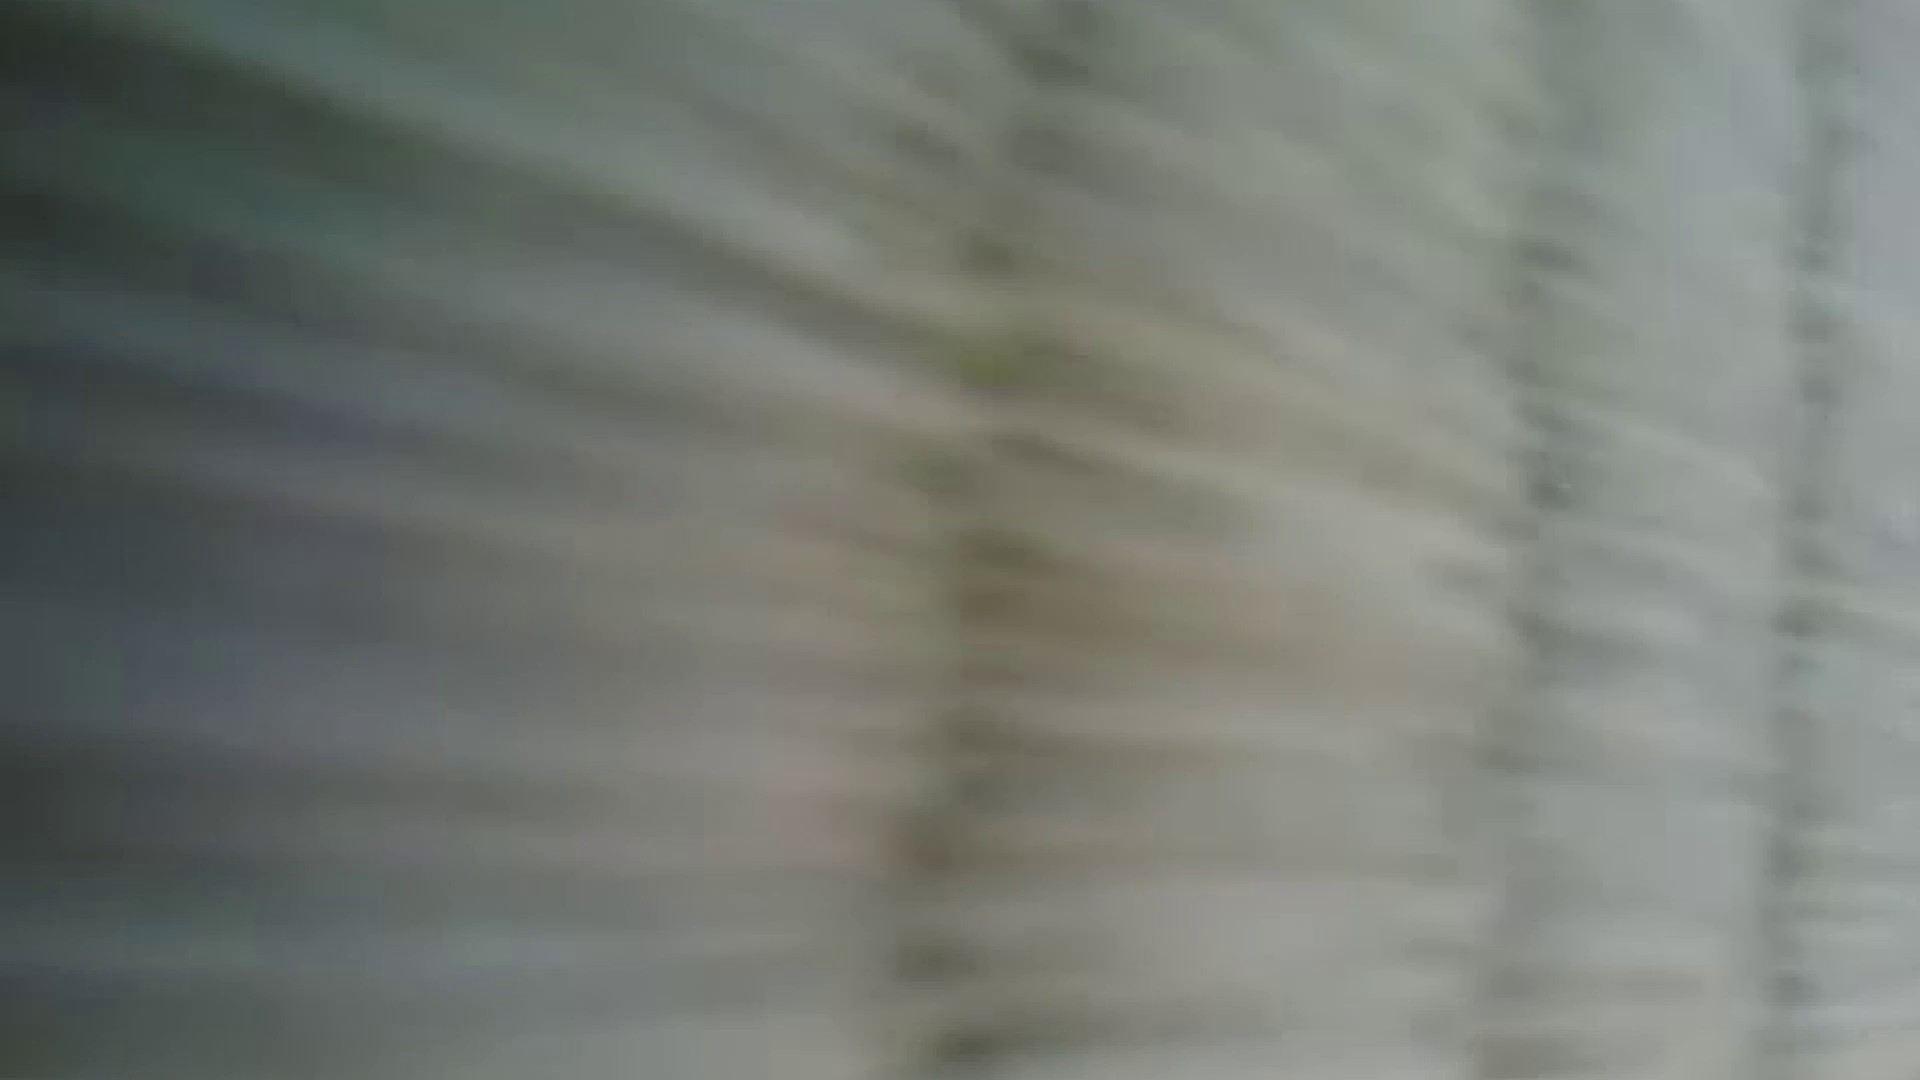 ~厳選!素人イケメン~俺のオナニズムⅢVol.09 モ無し エロビデオ紹介 101枚 100